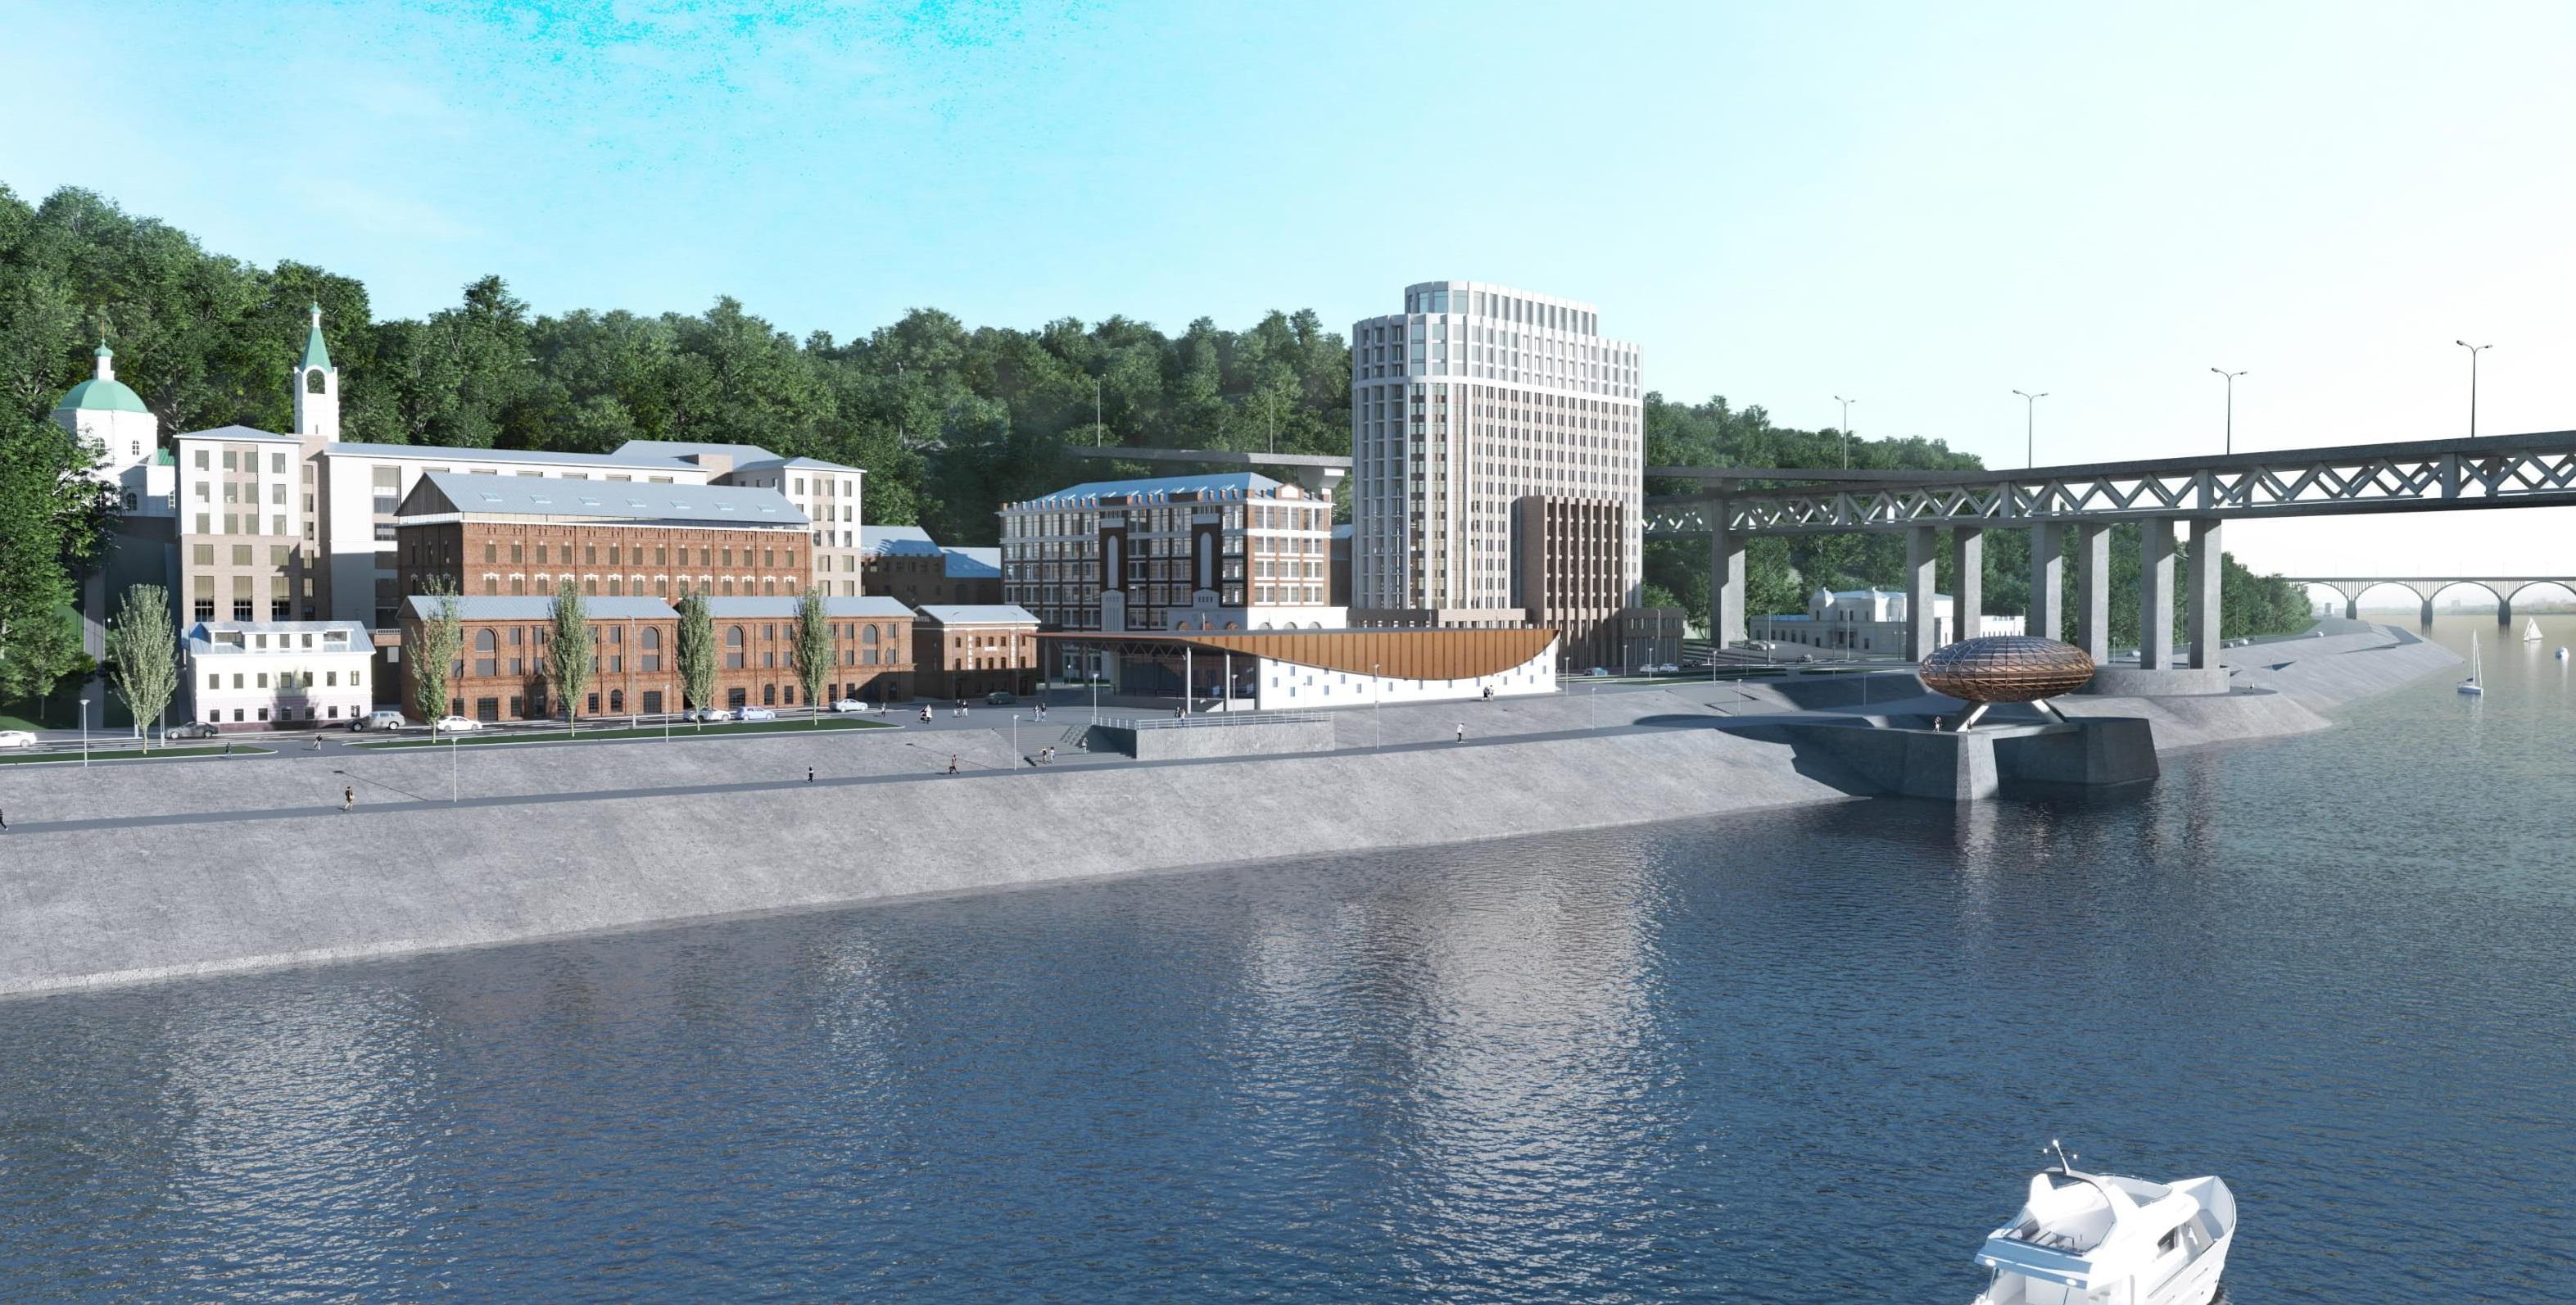 Первая ивент-площадка  появится на улице Черниговской уже в 2019 году в рамках проекта редевелопмента